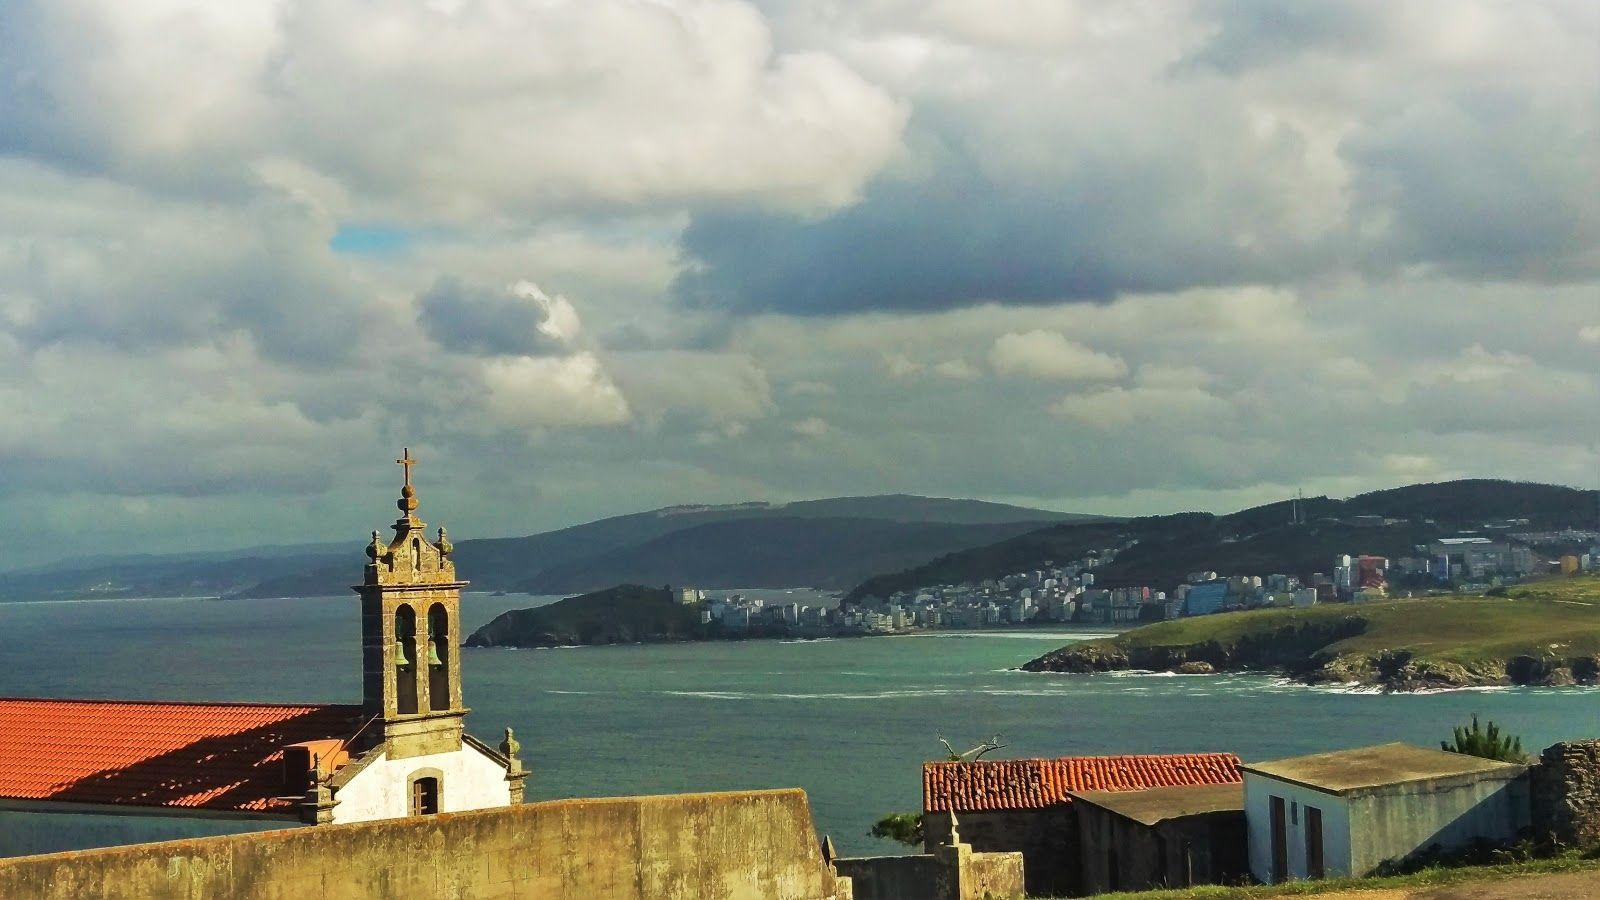 Malpica de Bergantiños,turismo de calidad,gastronomía y cultura: Malpica de Bergantiños